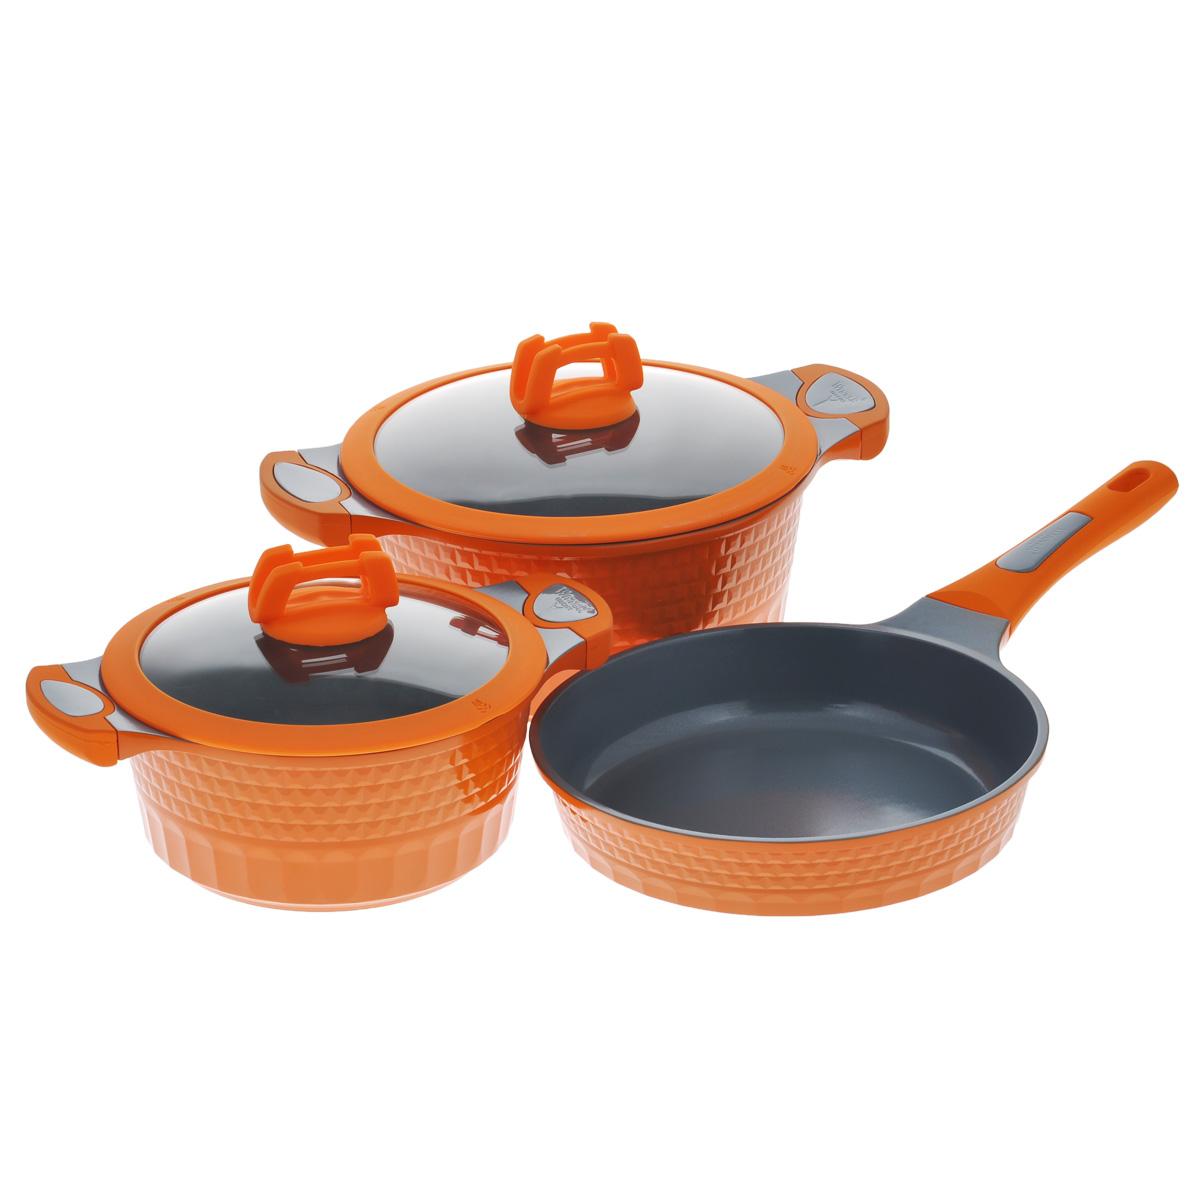 Набор посуды Winner, с керамическим покрытием, цвет: оранжевый, 5 предметов. WR-1302WR-1302В набор посуды Winner входят 2 кастрюли с крышками и сковорода. Предметы набора выполнены из высококачественного литого алюминия с антипригарным керамическим нанопокрытием Cerock. Посуда с нанопокрытием обладает высокой прочностью, жаро-, износо-, коррозийной стойкостью, химической инертностью. При нагревании до высоких температур не выделяет и не впитывает в себя вредных для человека химических соединений. Нанопокрытие гарантирует быстрый и равномерный нагрев посуды и существенную экономию электроэнергии. Данная технология позволяет исключить деформацию корпуса при частом и длительном использовании посуды. Внешние стенки посуды рифленые, что придает набору особо эстетичный внешний вид. Внешнее покрытие цветное жаростойкое силиконовое. Предметы набора оснащены удобными бакелитовыми ручками с силиконовым покрытием. Крышки, выполненные из термостойкого стекла с силиконовым ободком и пароотводом, позволят вам следить за процессом приготовления пищи. Крышки плотно прилегают к краям посуды, предотвращая проливание жидкости и сохраняя аромат блюд. Подходит для газовых, электрических и индукционных плит. Можно использовать в посудомоечной машине.Набор посуды Winner - идеальный подарок для современных хозяек, которые следят за своим здоровьем и здоровьем своей семьи. Эргономичный дизайн и функциональность набора позволят вам наслаждаться процессом приготовления любимых, полезных для здоровья блюд. Объем кастрюль: 2,4 л; 4,2 л. Внешний диаметр: 21,1 см; 25,3 см. Внутренний диаметр: 20 см; 24 см. Ширина кастрюль с учетом ручек: 29,2 см; 34,5 см.Диаметр крышек: 21 см; 25 см.Высота стенок: 9,5 см; 11,7 см.Толщина стенки: 2,3 мм.Толщина дна: 4 мм.Диаметр дна: 16 см; 19,5 см.Внешний диаметр сковороды: 25 см. Внутренний диаметр сковороды: 24 см. Высота стенок: 5,5 см. Толщина стенки: 2,3 мм.Толщина дна: 5 мм.Длина ручки: 20,5 см. Диаметр дна сковороды: 19,5 см.